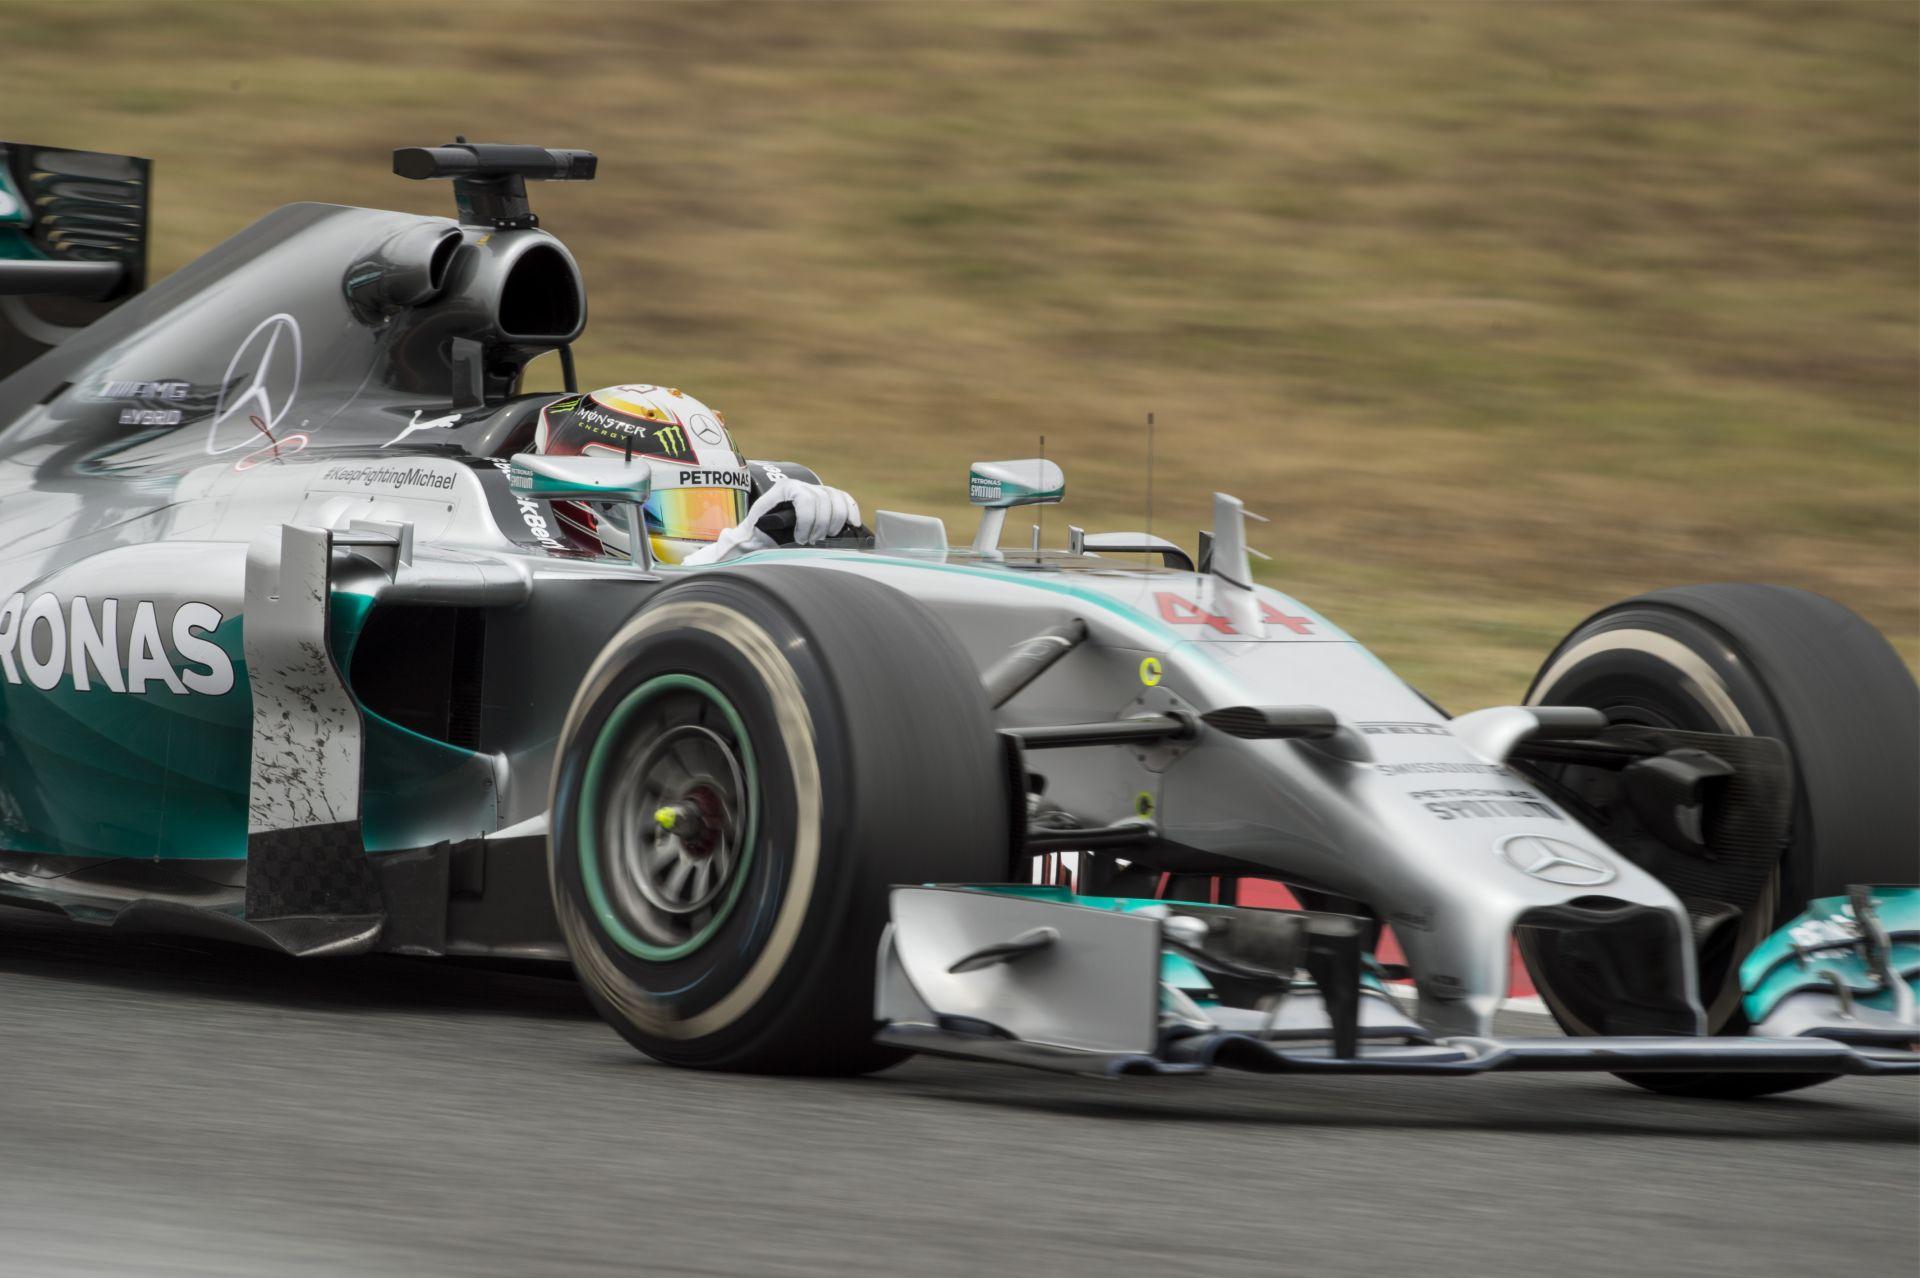 Levezető kör: Massa mindig magyarázkodik, Button akár vissza is vonulhat, Maldonado KO! A Mercedes alázza a Forma-1-et!